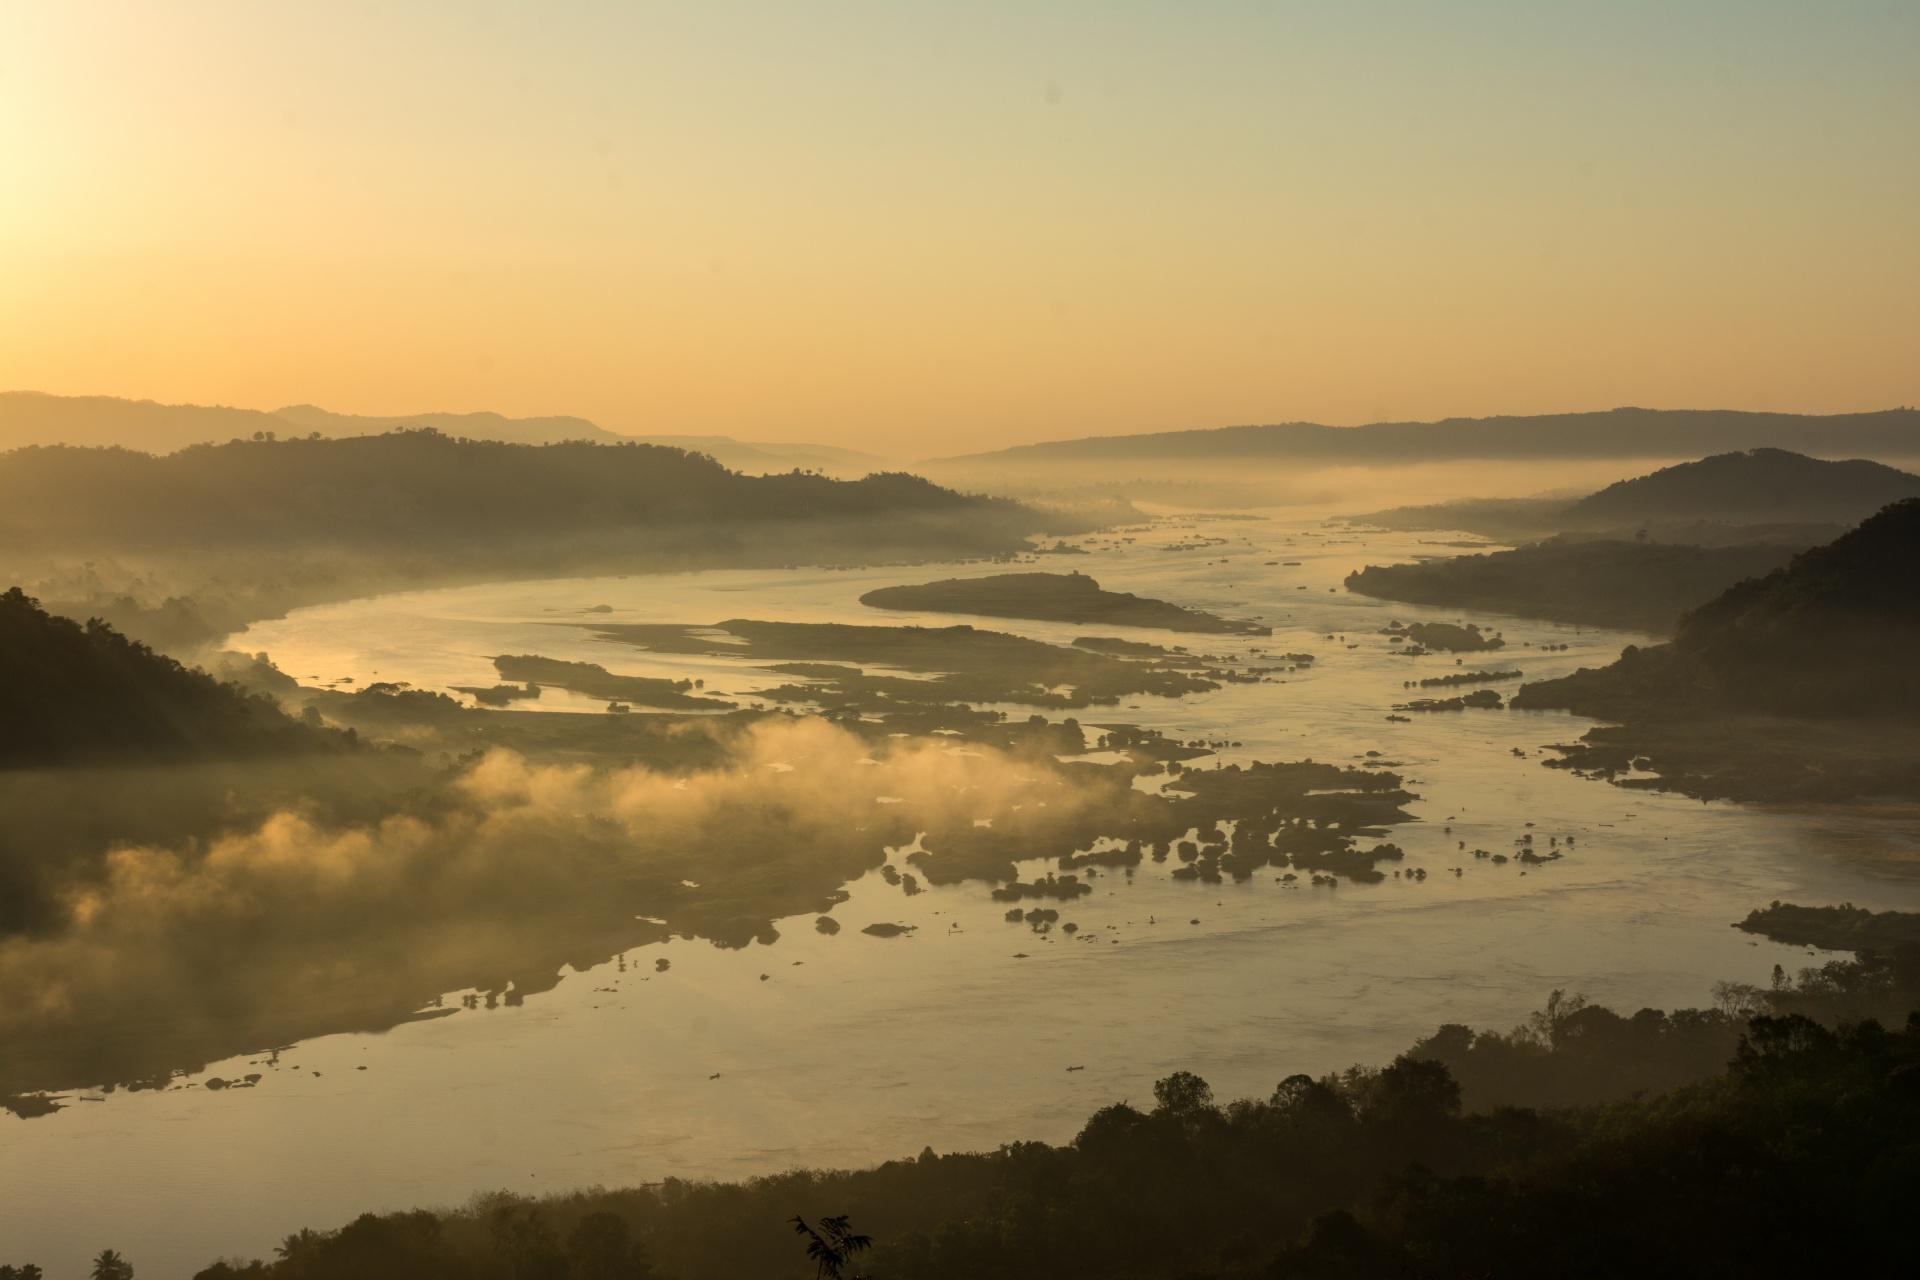 メコン川の美しい朝の風景 タイの風景